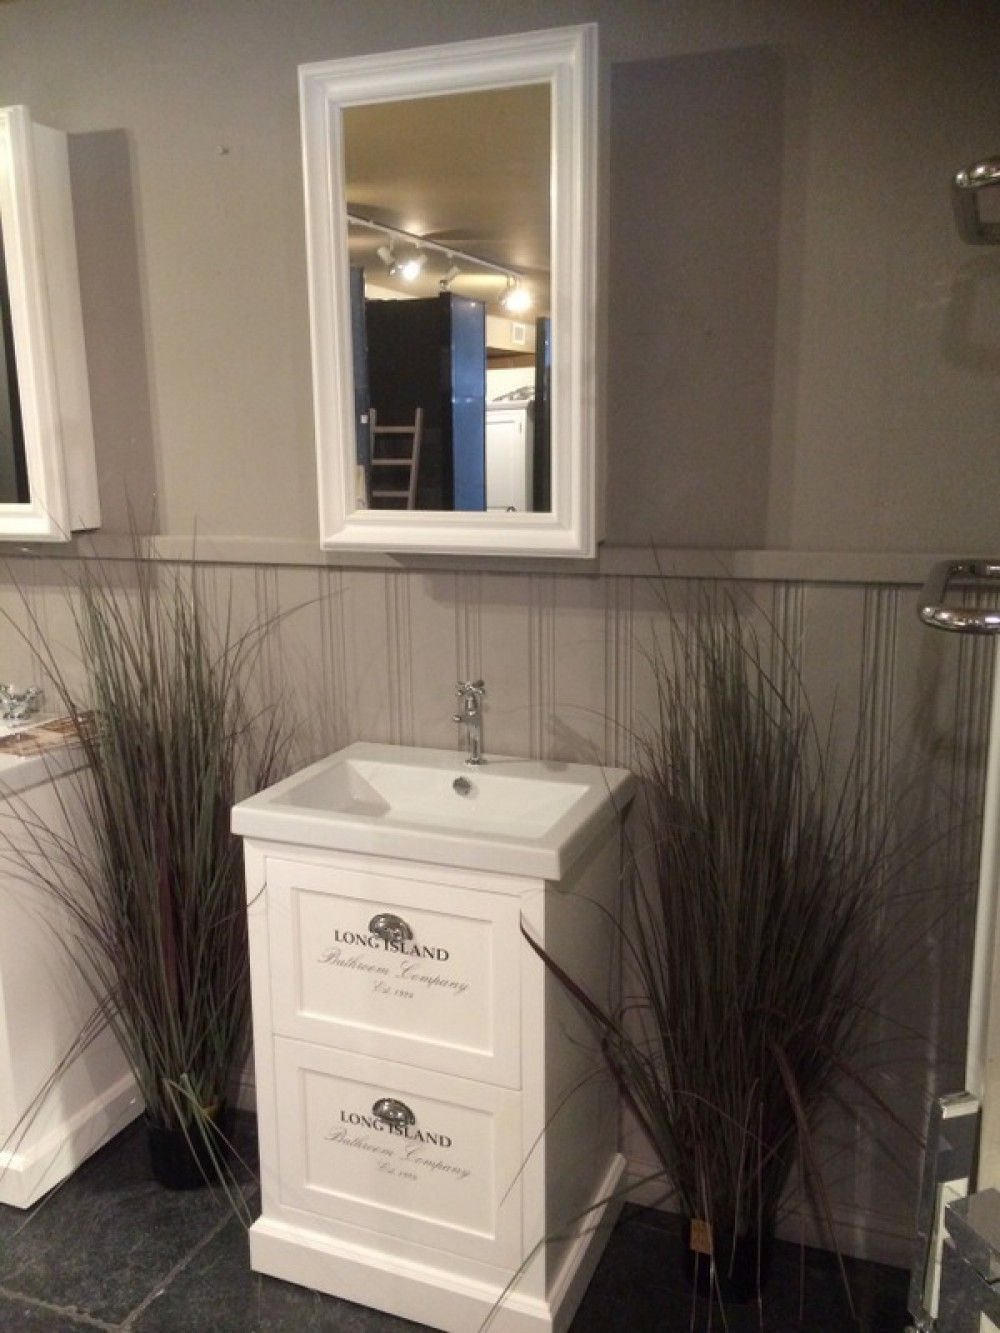 Waschtisch Weiss Mit Einem Spiegelschrank Im Landhausstil Farbe